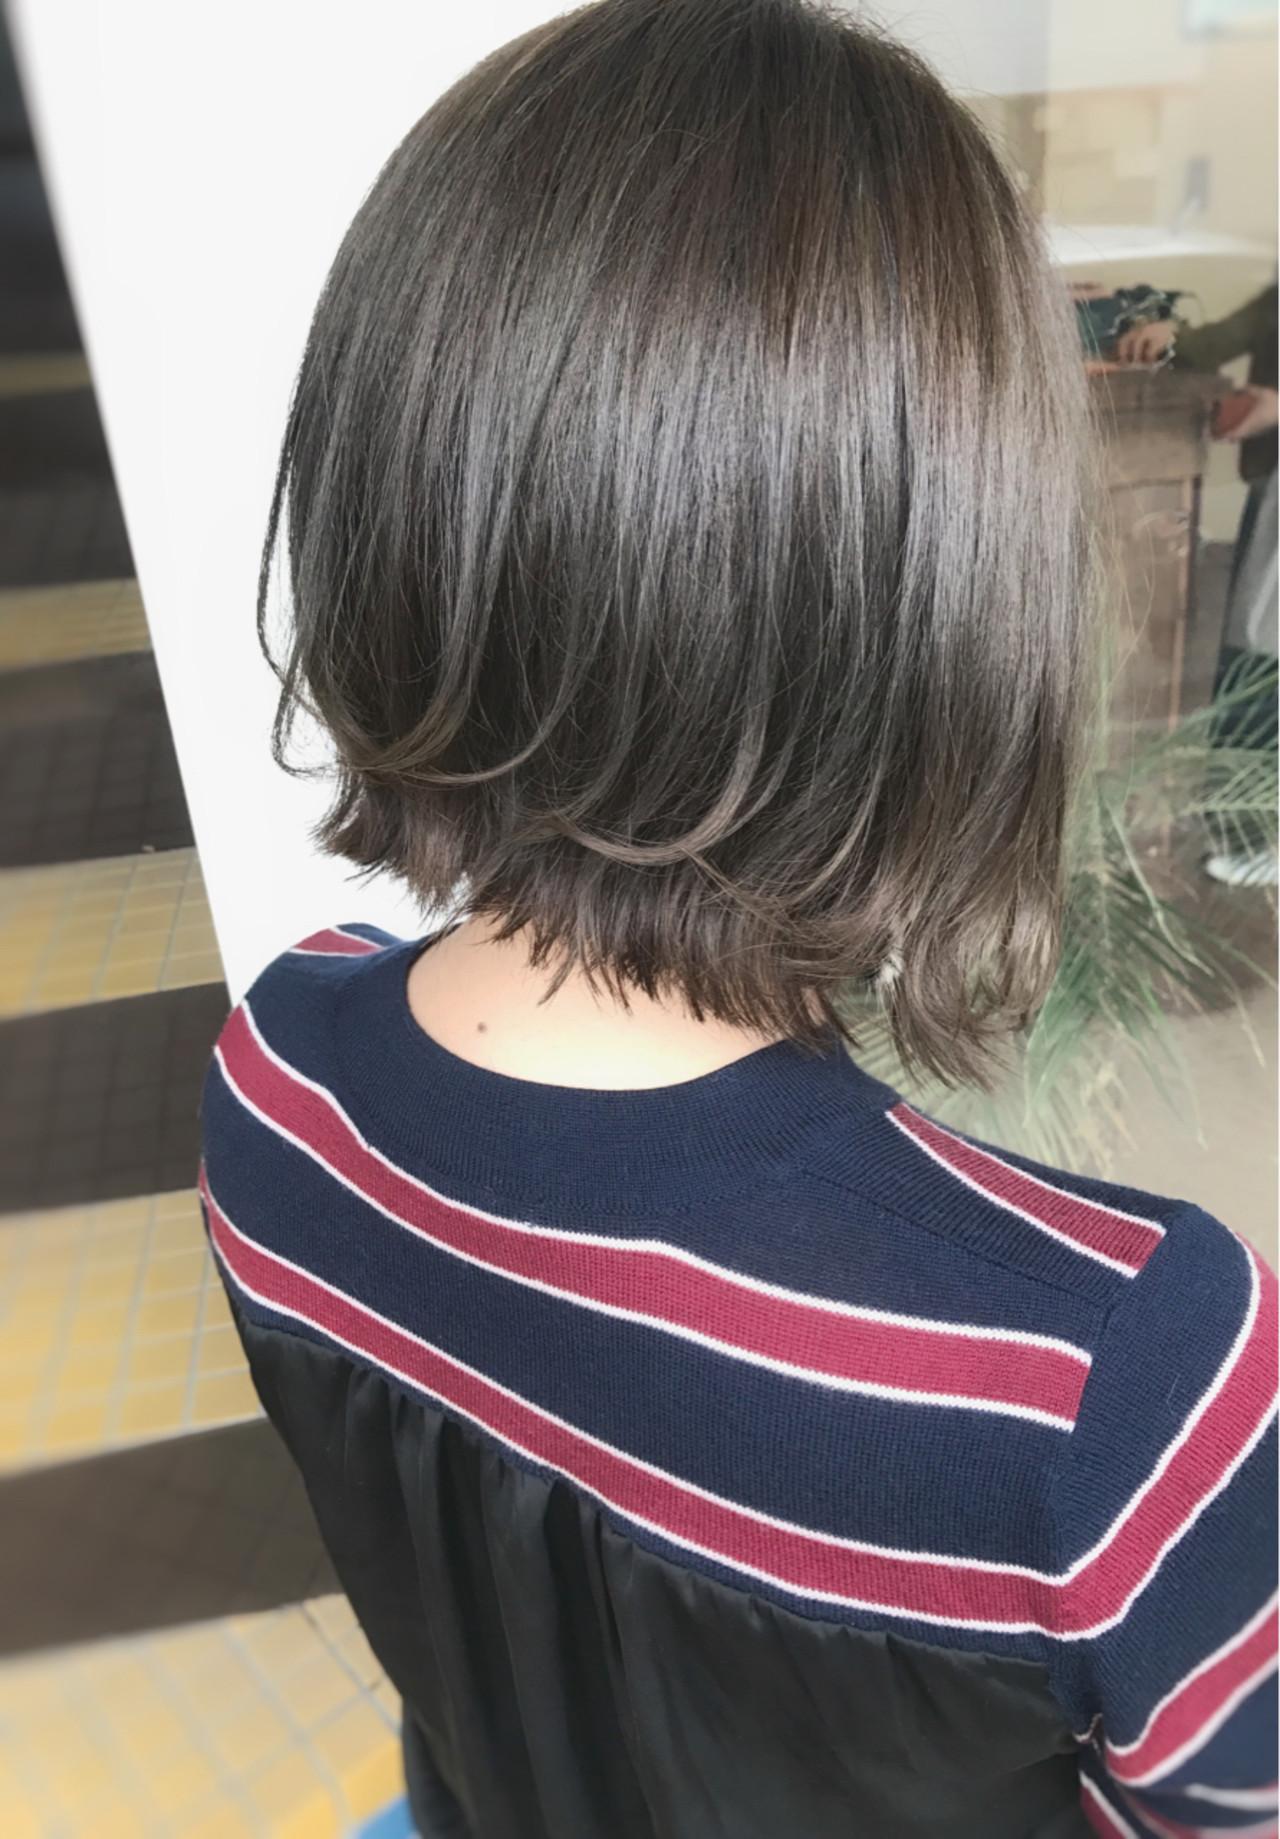 ボブ 大人かわいい ショート ガーリー ヘアスタイルや髪型の写真・画像 | サワ / Seamu